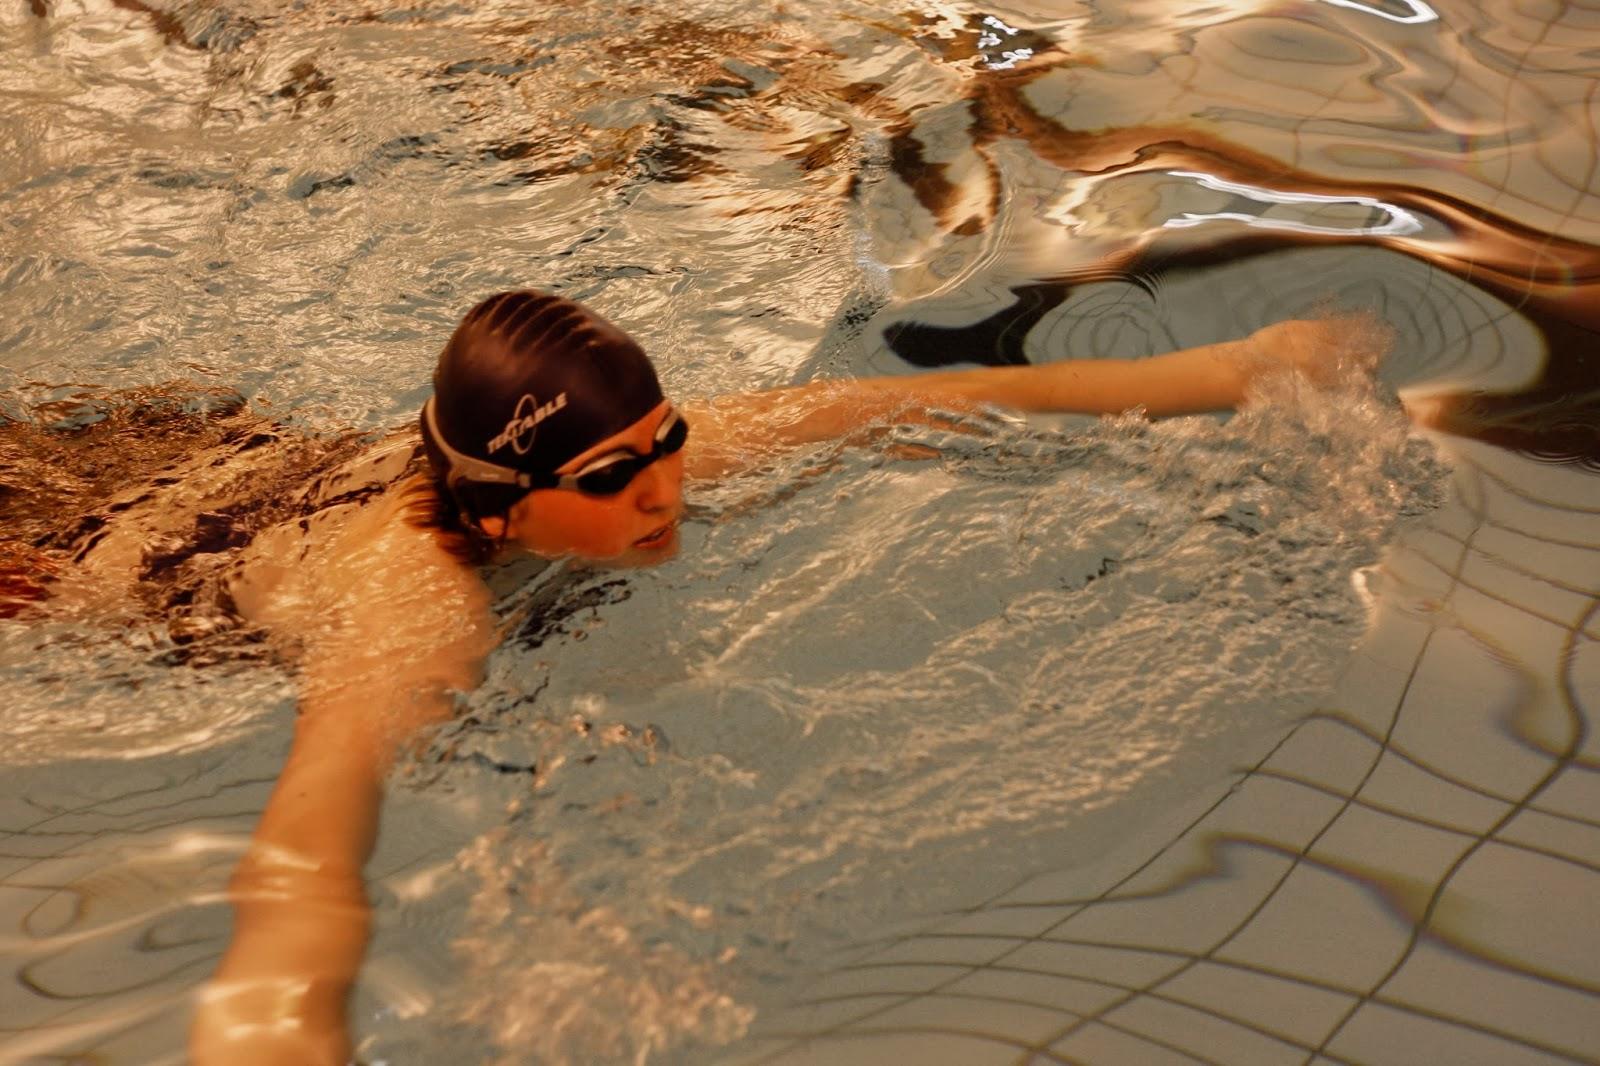 siebenbergen 7t 7s freitag schwimmen. Black Bedroom Furniture Sets. Home Design Ideas